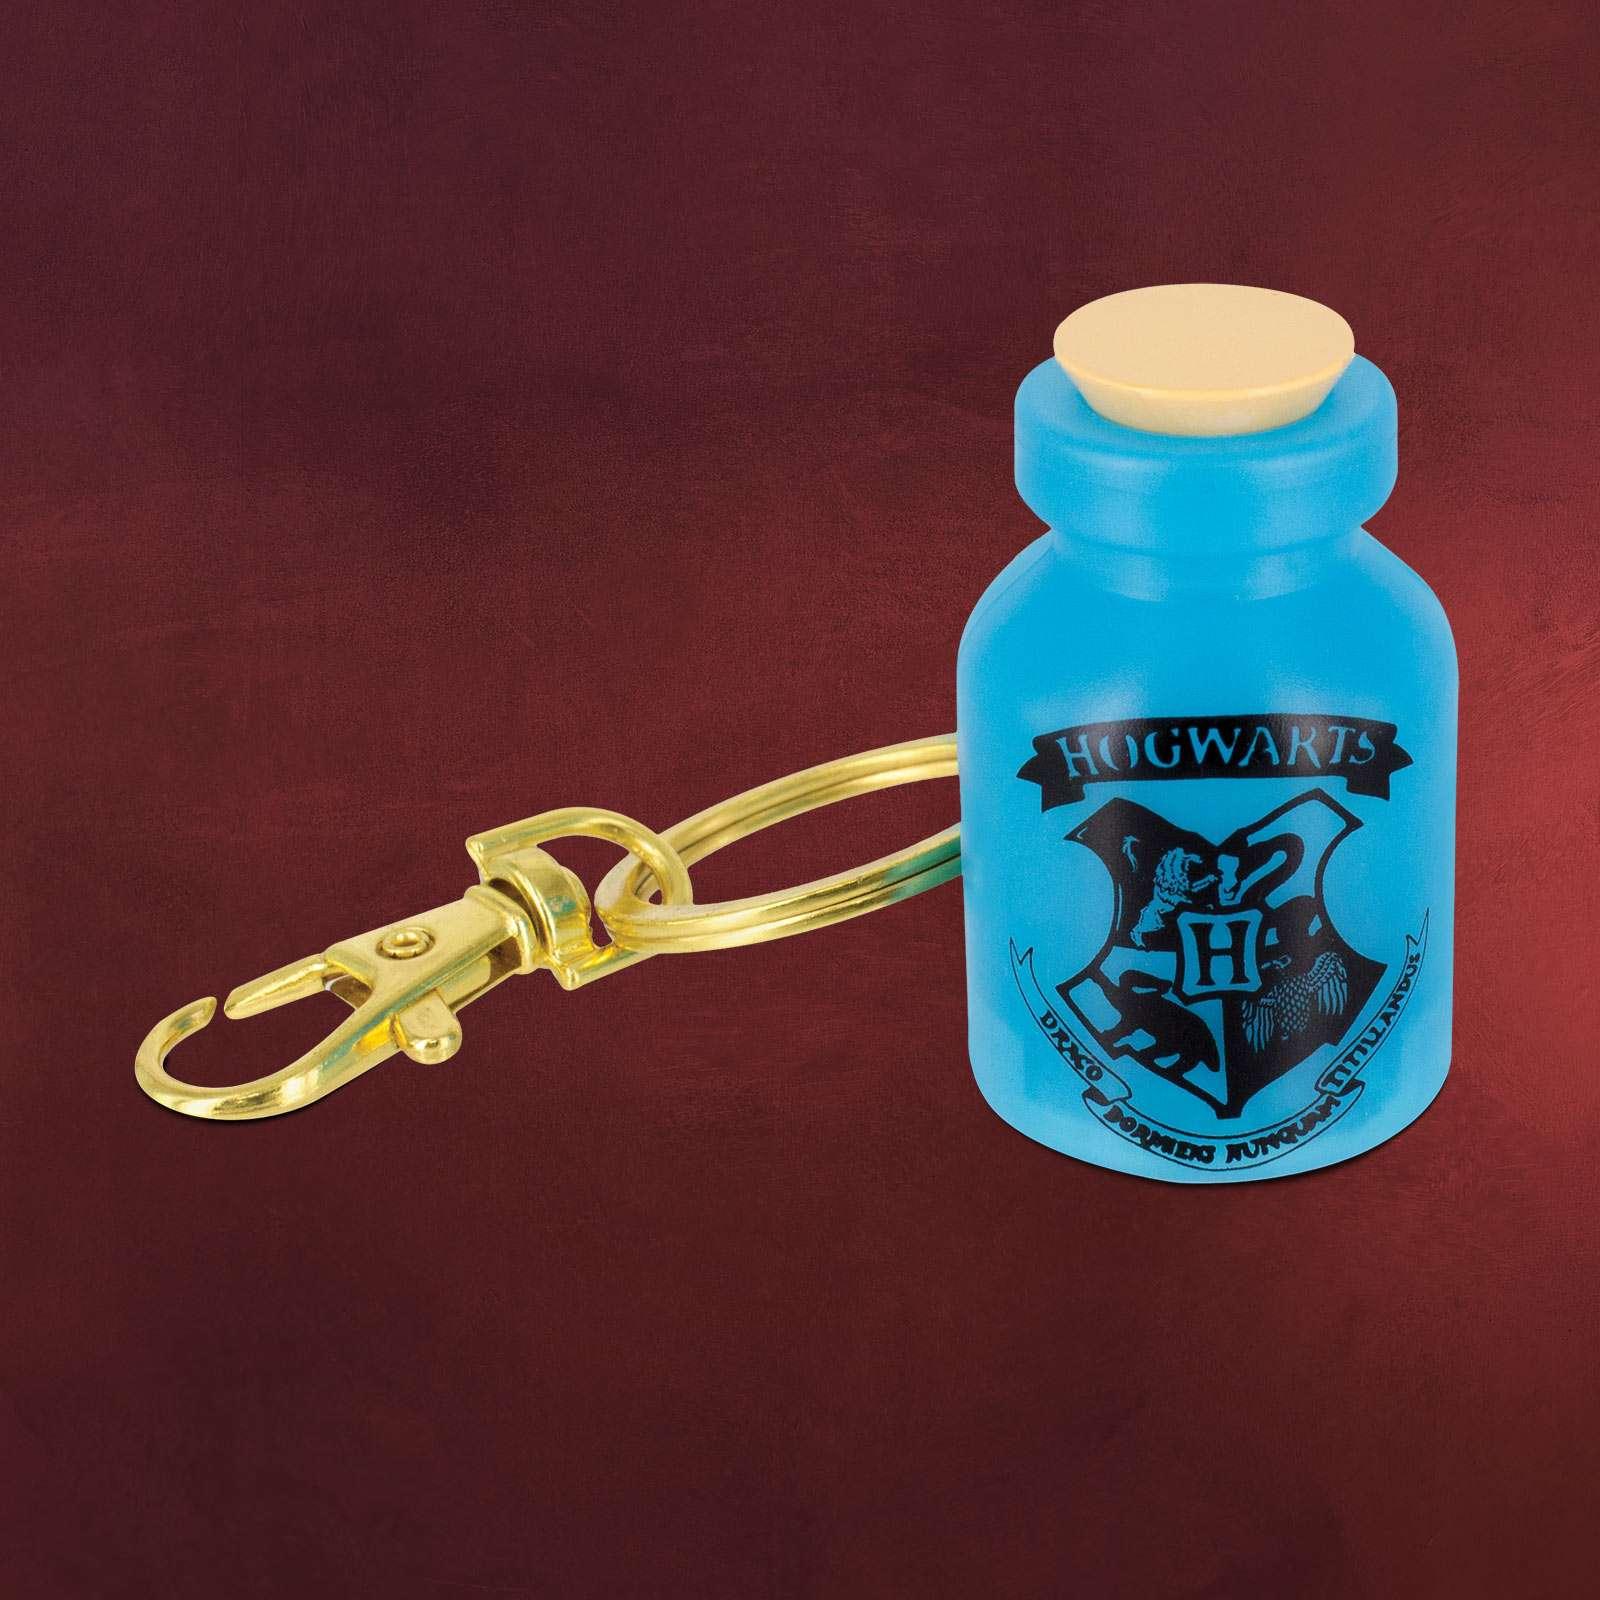 Harry Potter Hogwarts Trank Schlsselanhnger Mit Licht Elbenwald Bott Funko Pop Bvs Aquaman Blue Ie